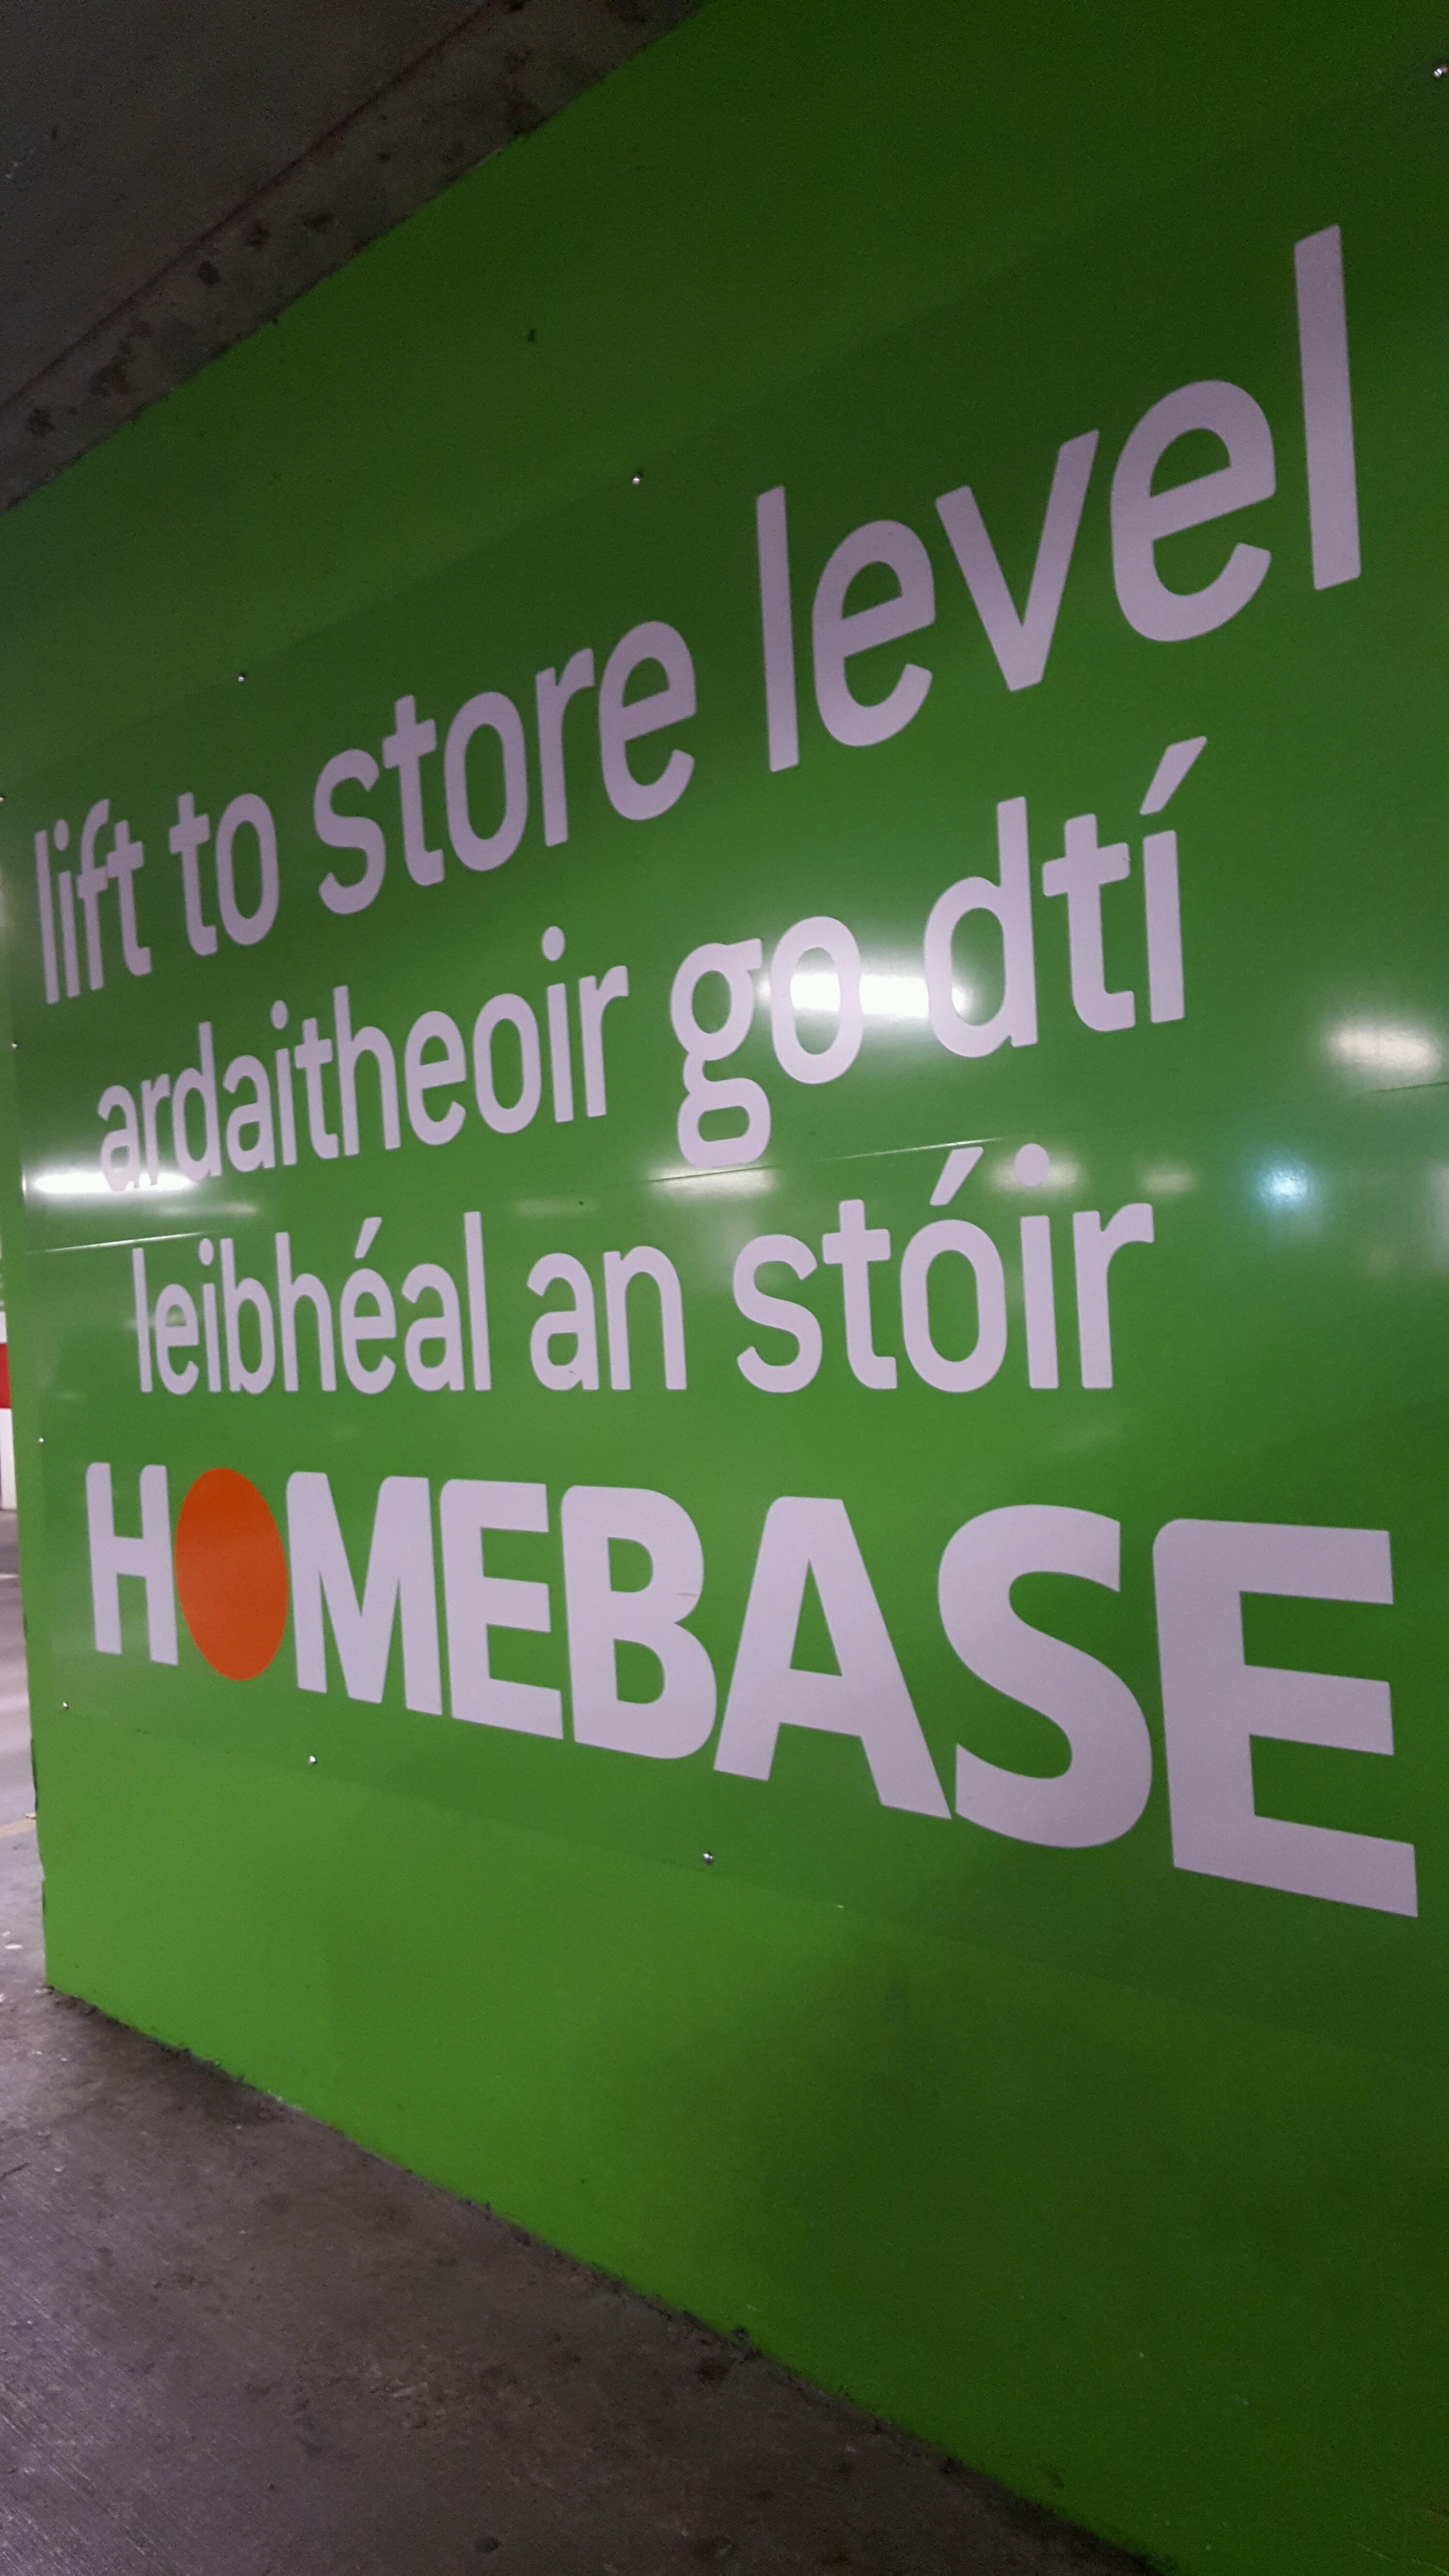 Homebase | Nutgrove Retail Park, Rathfarnham, D14 N611 | +353 1 491 6118